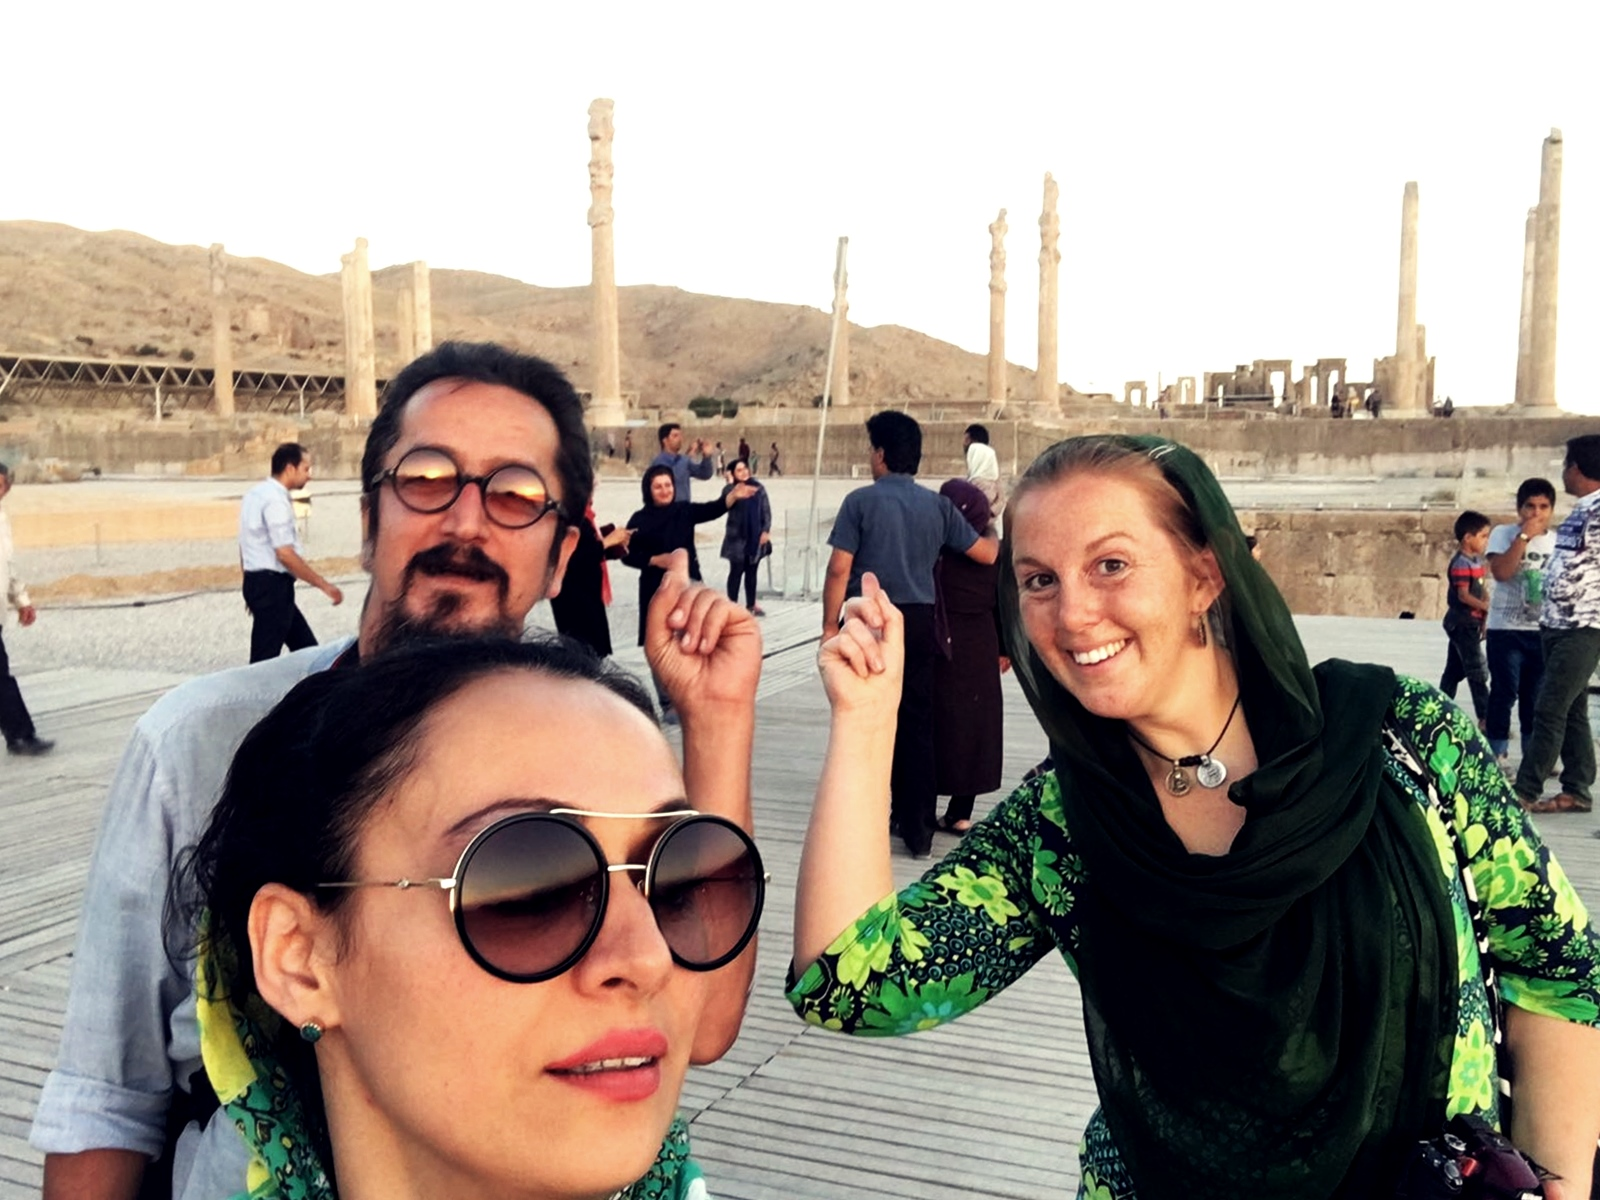 Outside of Persepolis.